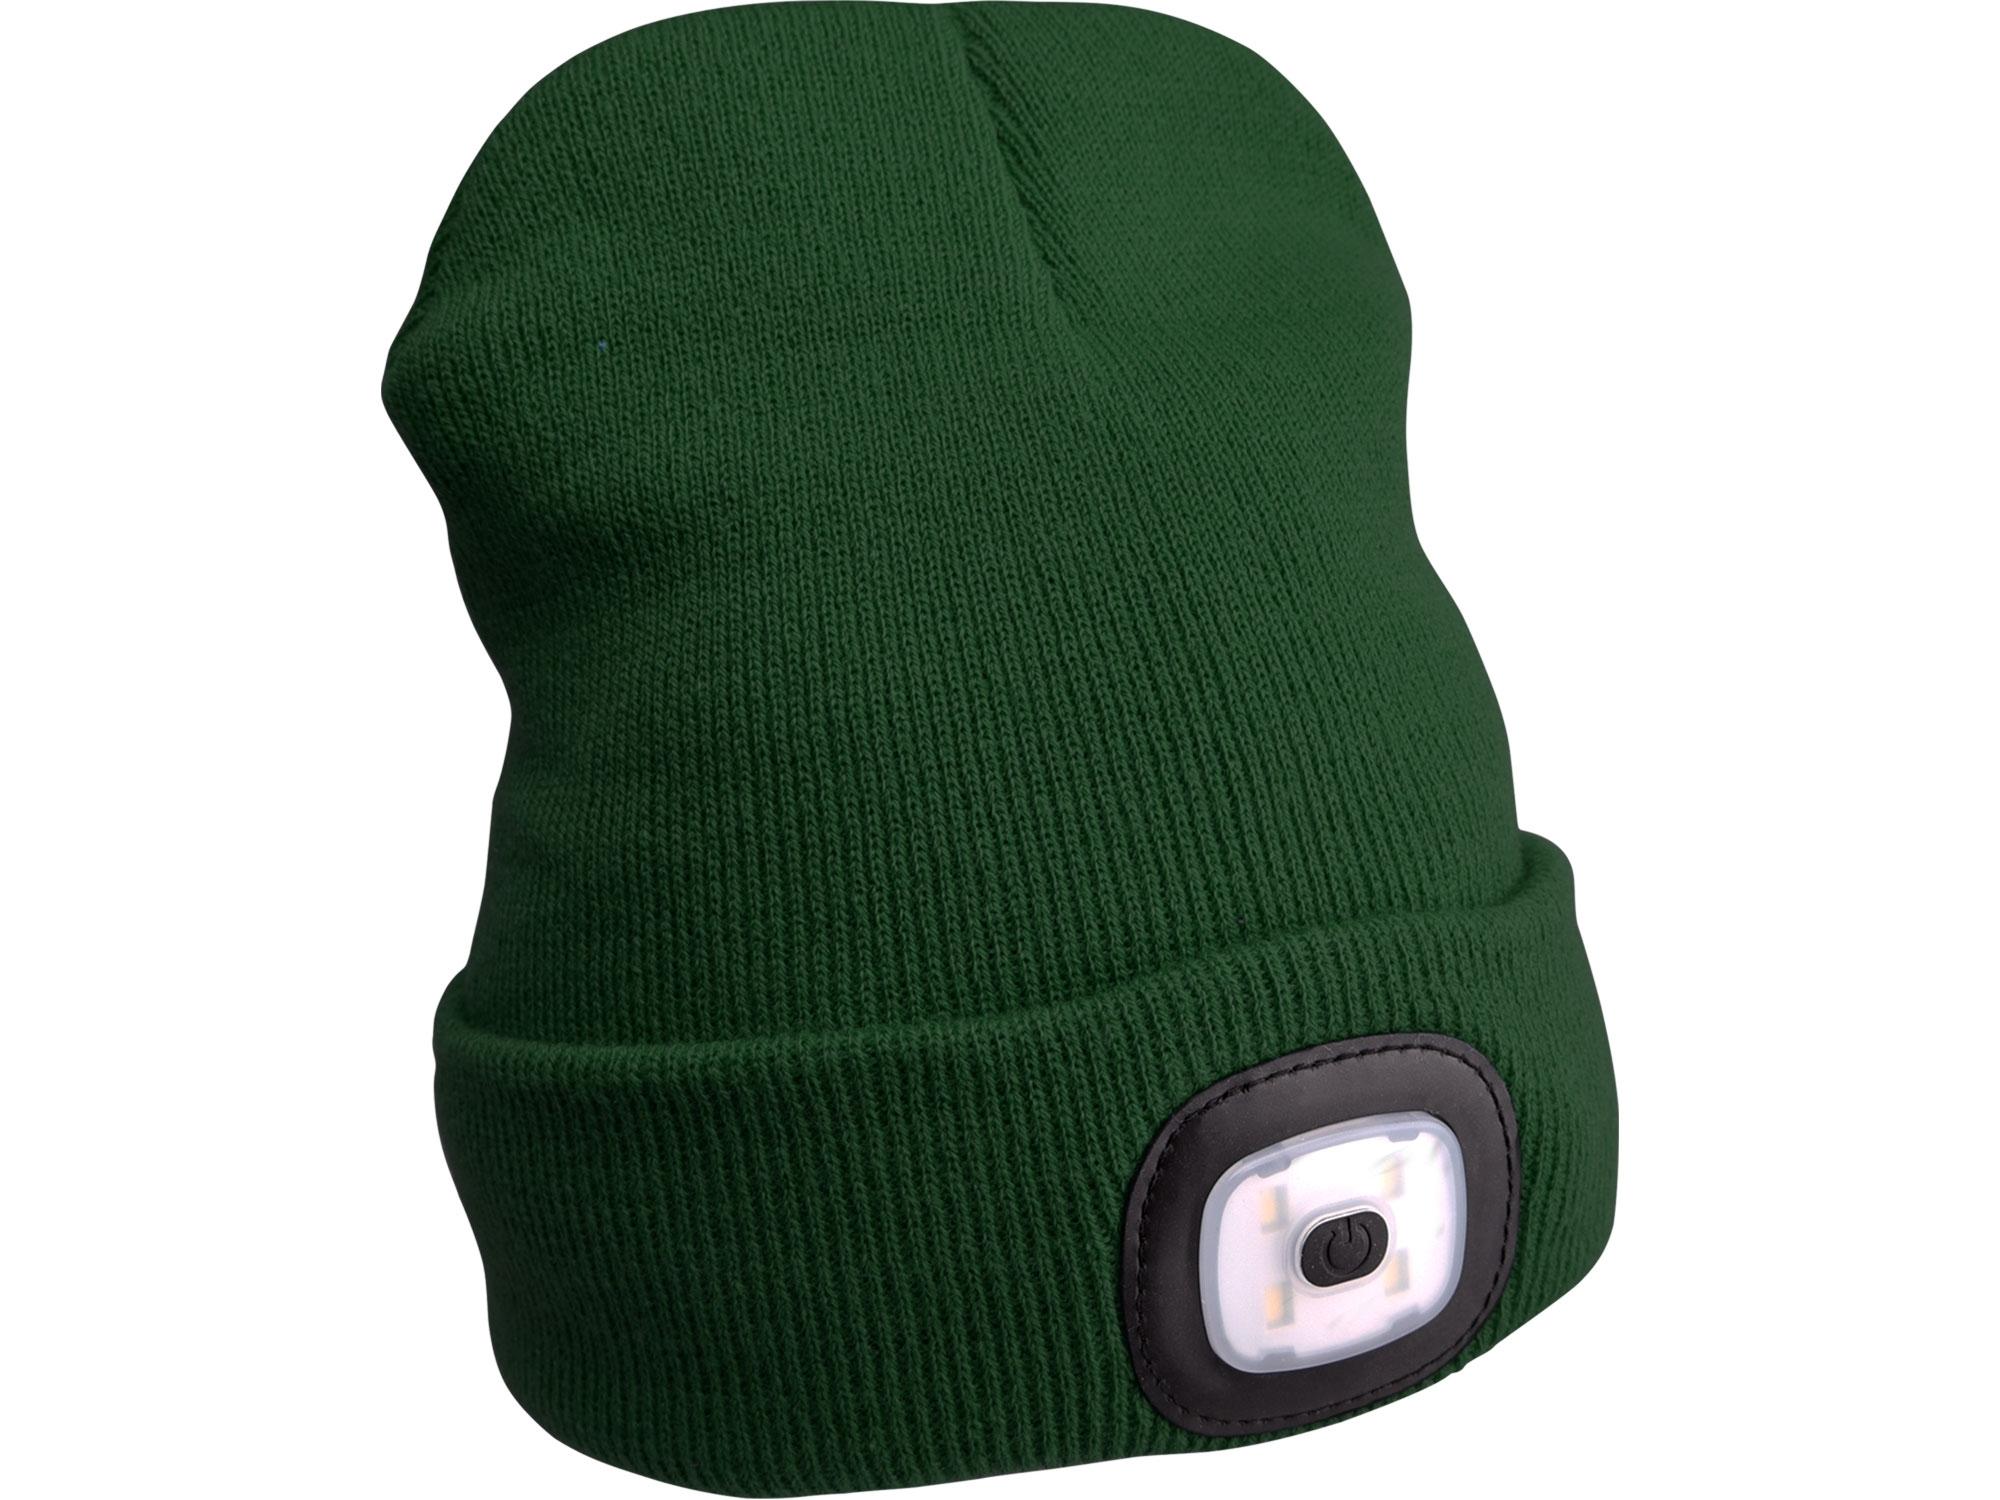 Čepice s čelovkou, nabíjecí, USB, zelená, univerzální velikost EXTOL LIGHT 43192